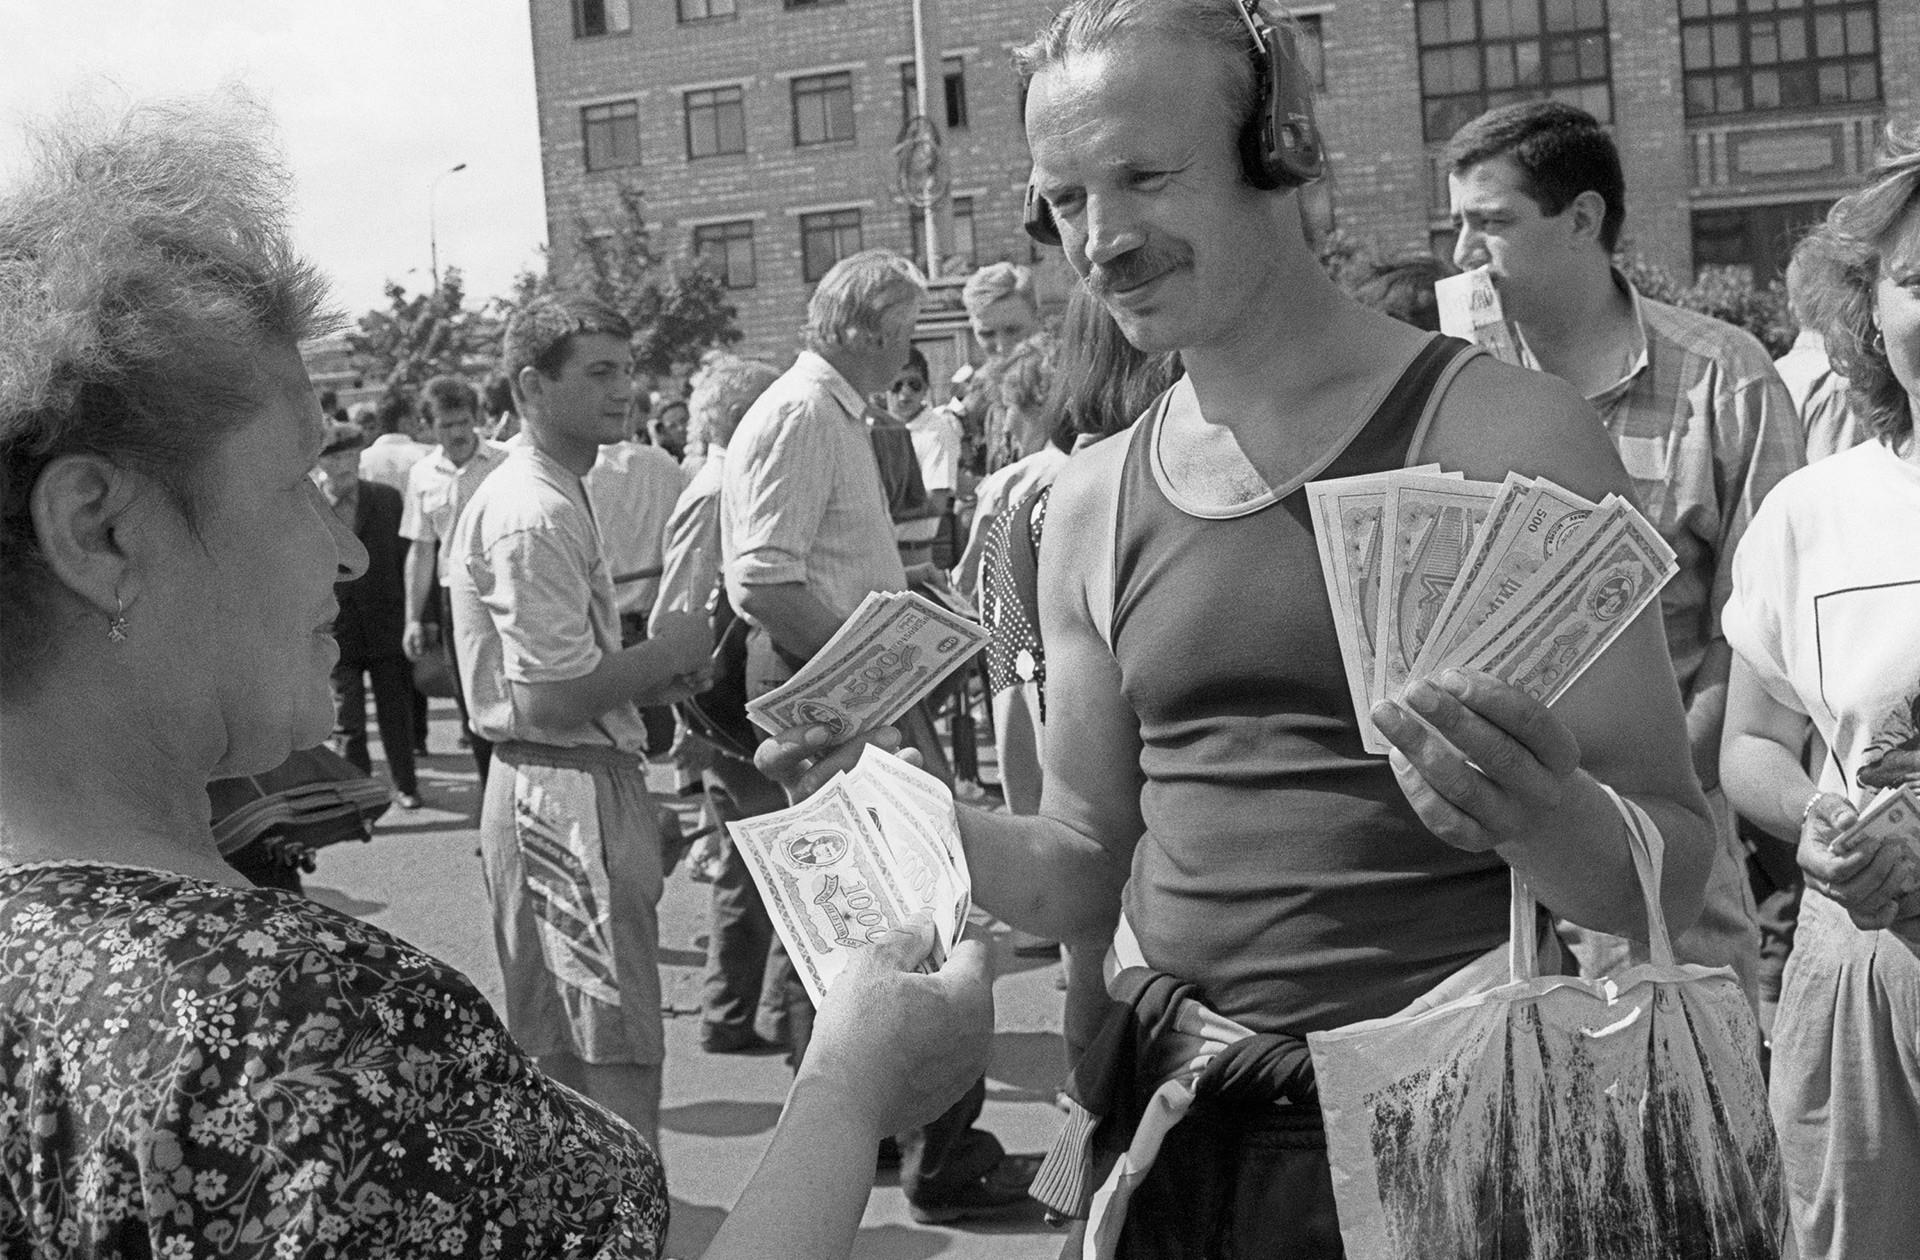 Prodajanje deležev ruske družbe MMM, d. d. blizu sedeža podjetja na Varšavski avtocesti v Moskvi. MMM je verjetno najslavnejši primer lažnivih finančnih shem devetdesetih let v Rusiji.